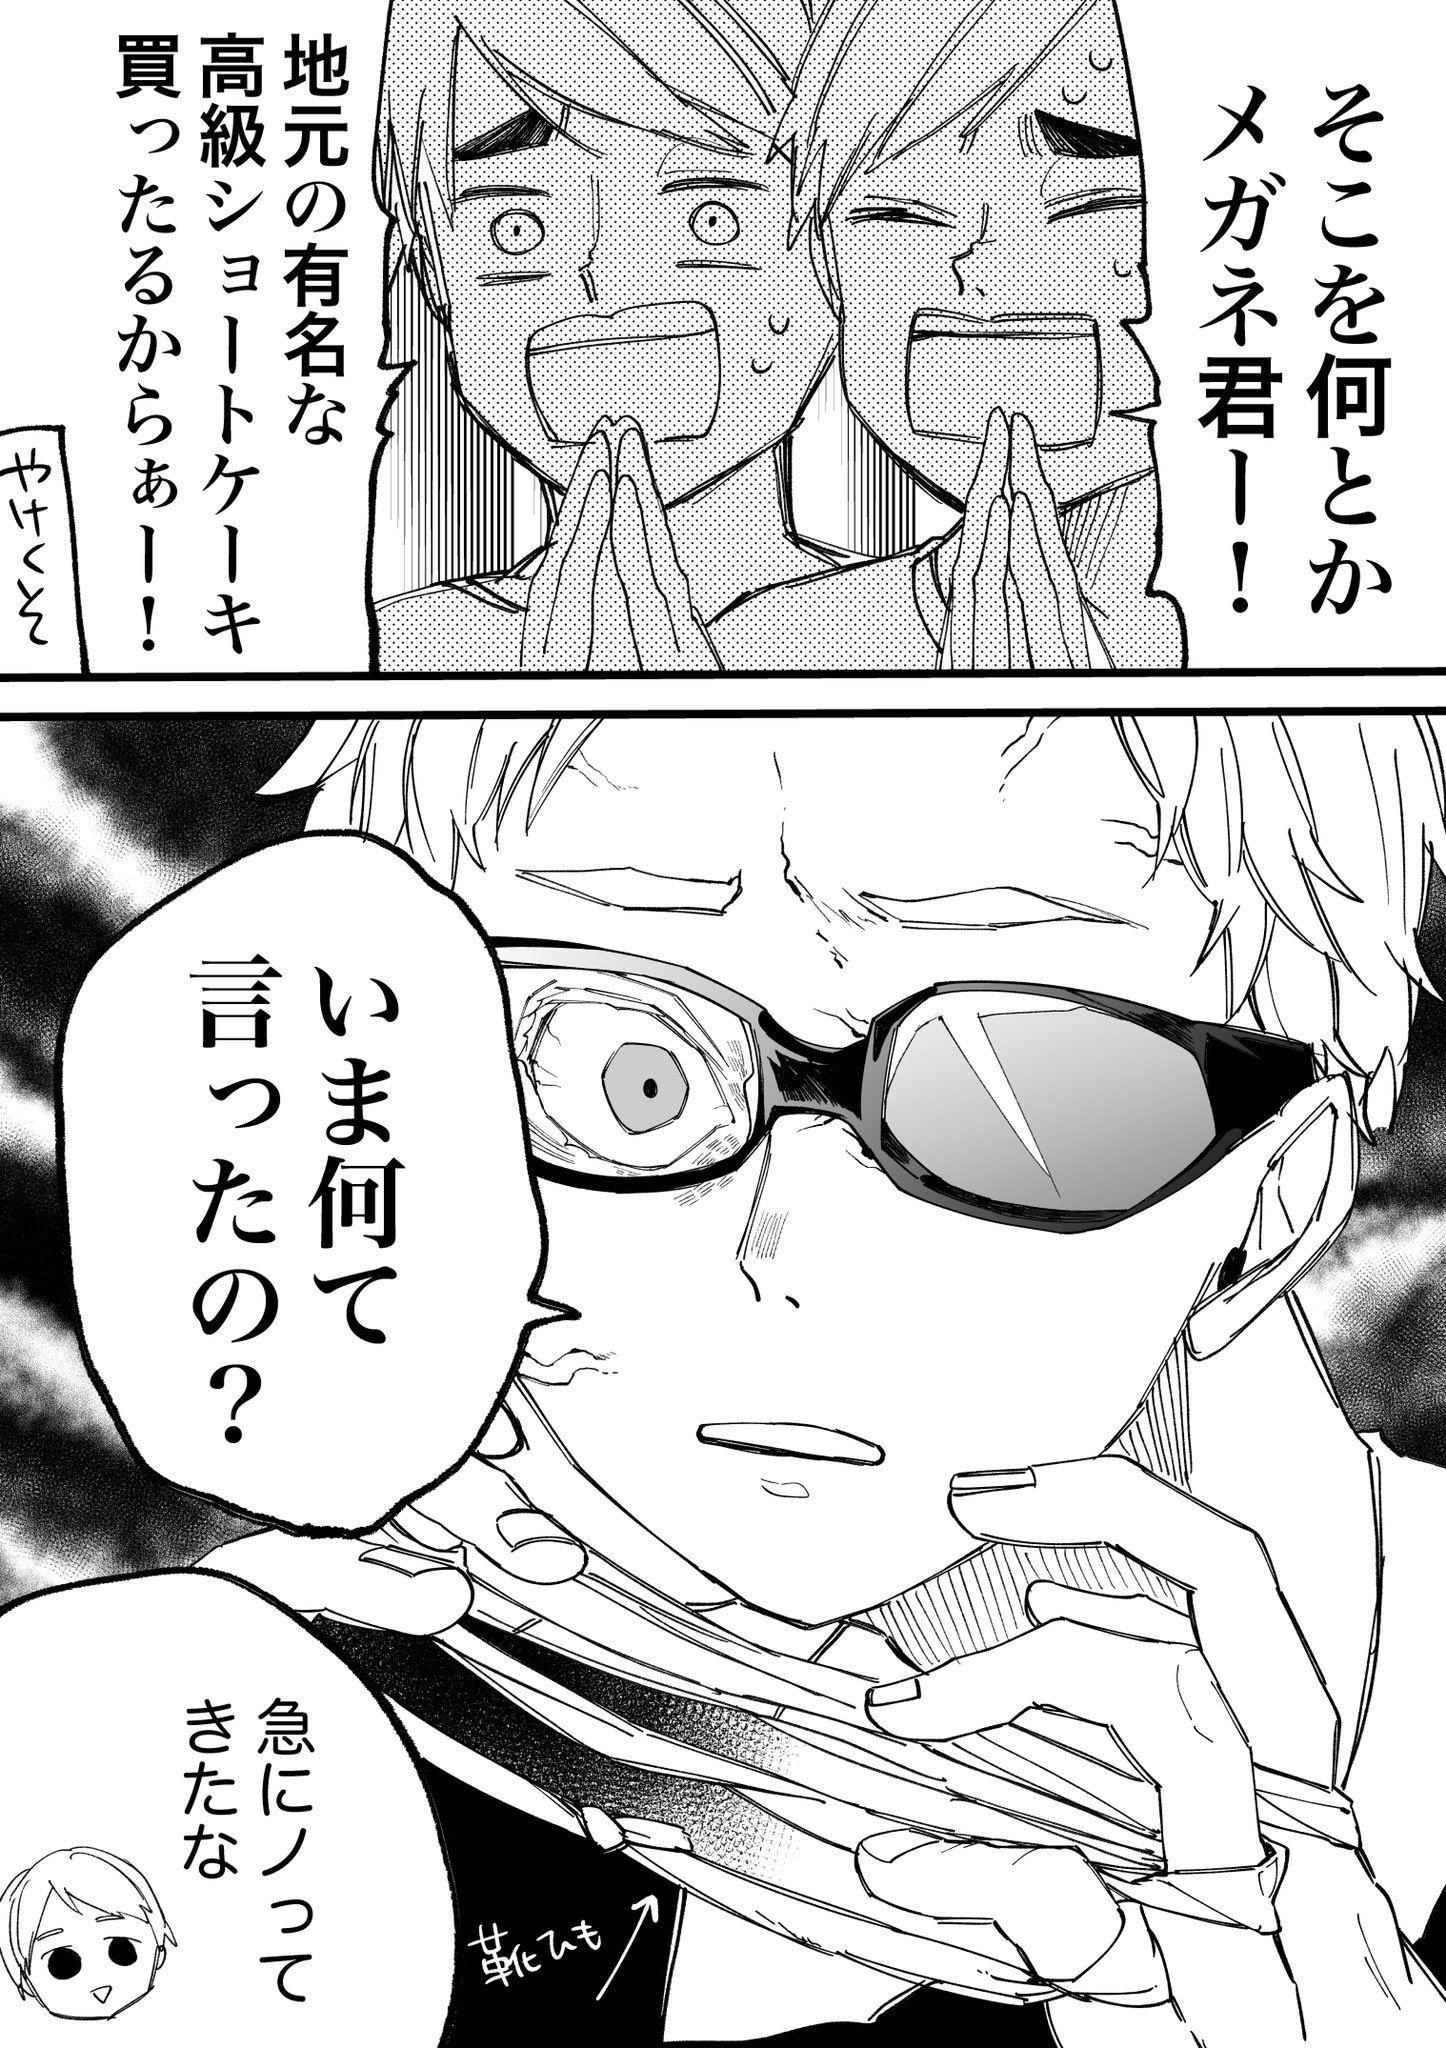 夢 鬼 ハイキュー 小説 滅 刃 の